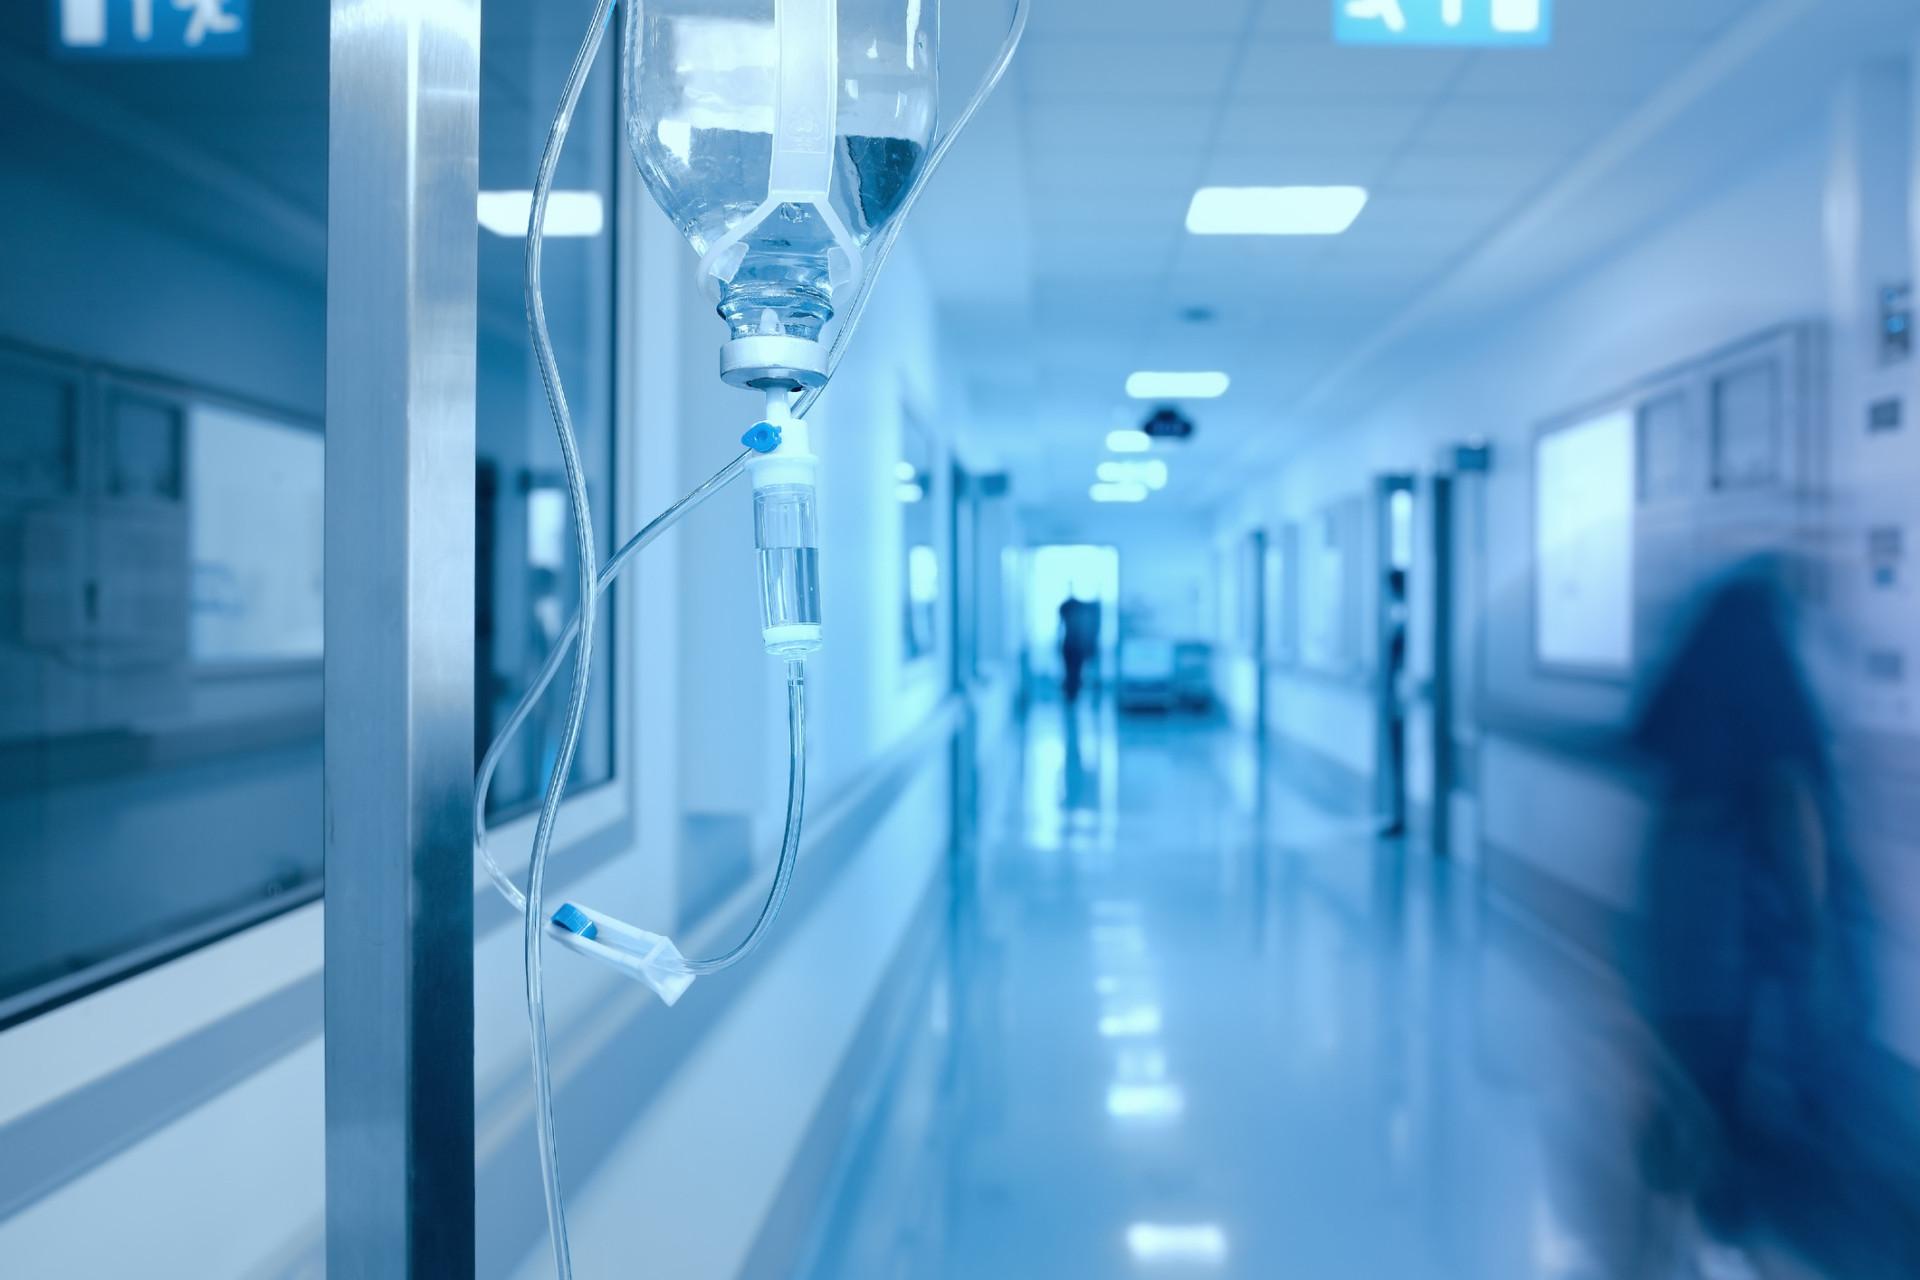 Veja doenças que podem matar uma pessoa em apenas um dia